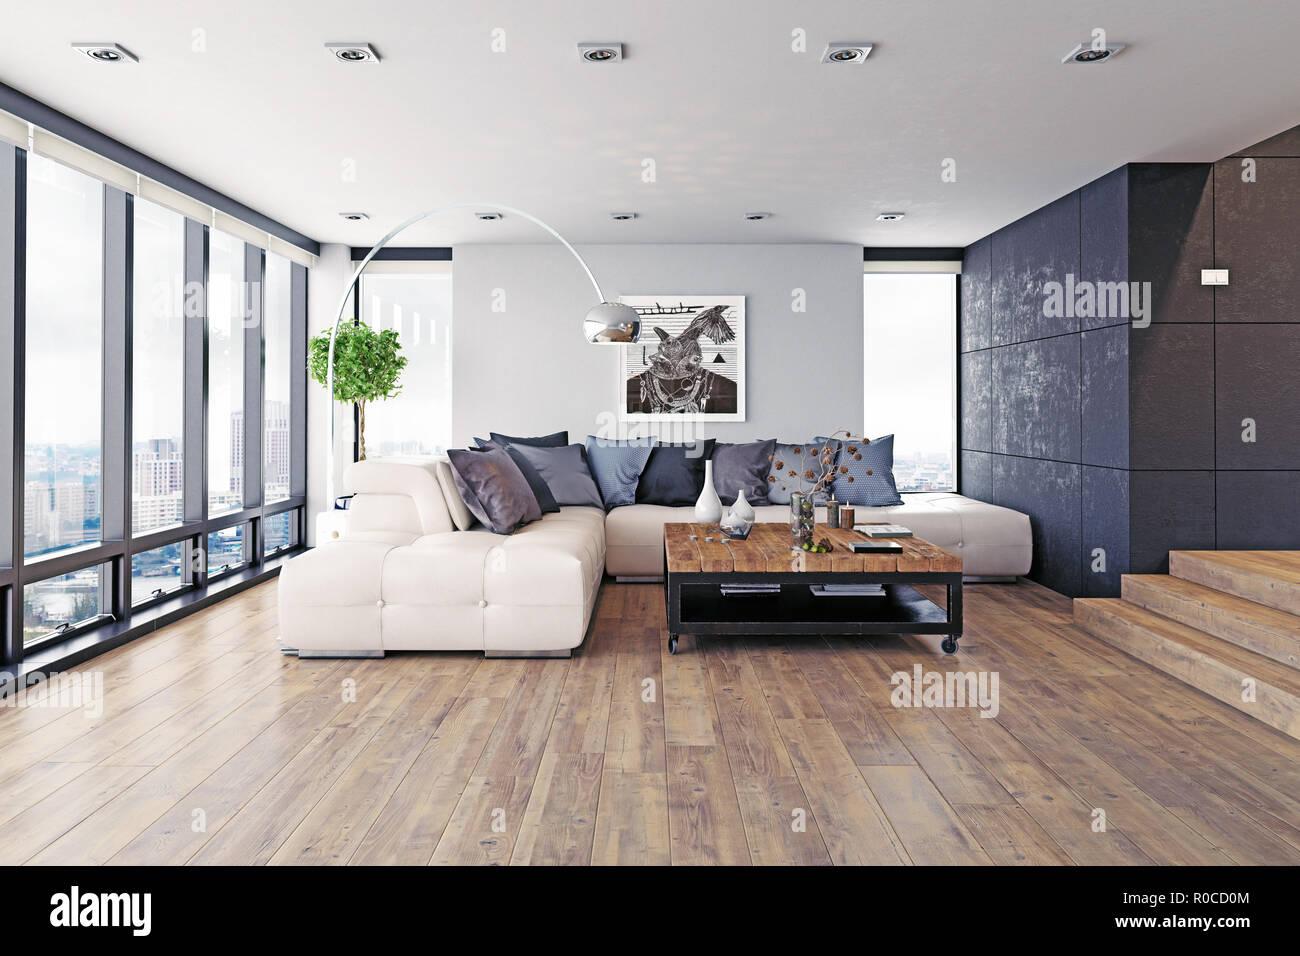 Modernes Design Wohnzimmer eingerichtet. 20D rendering Konzept ...